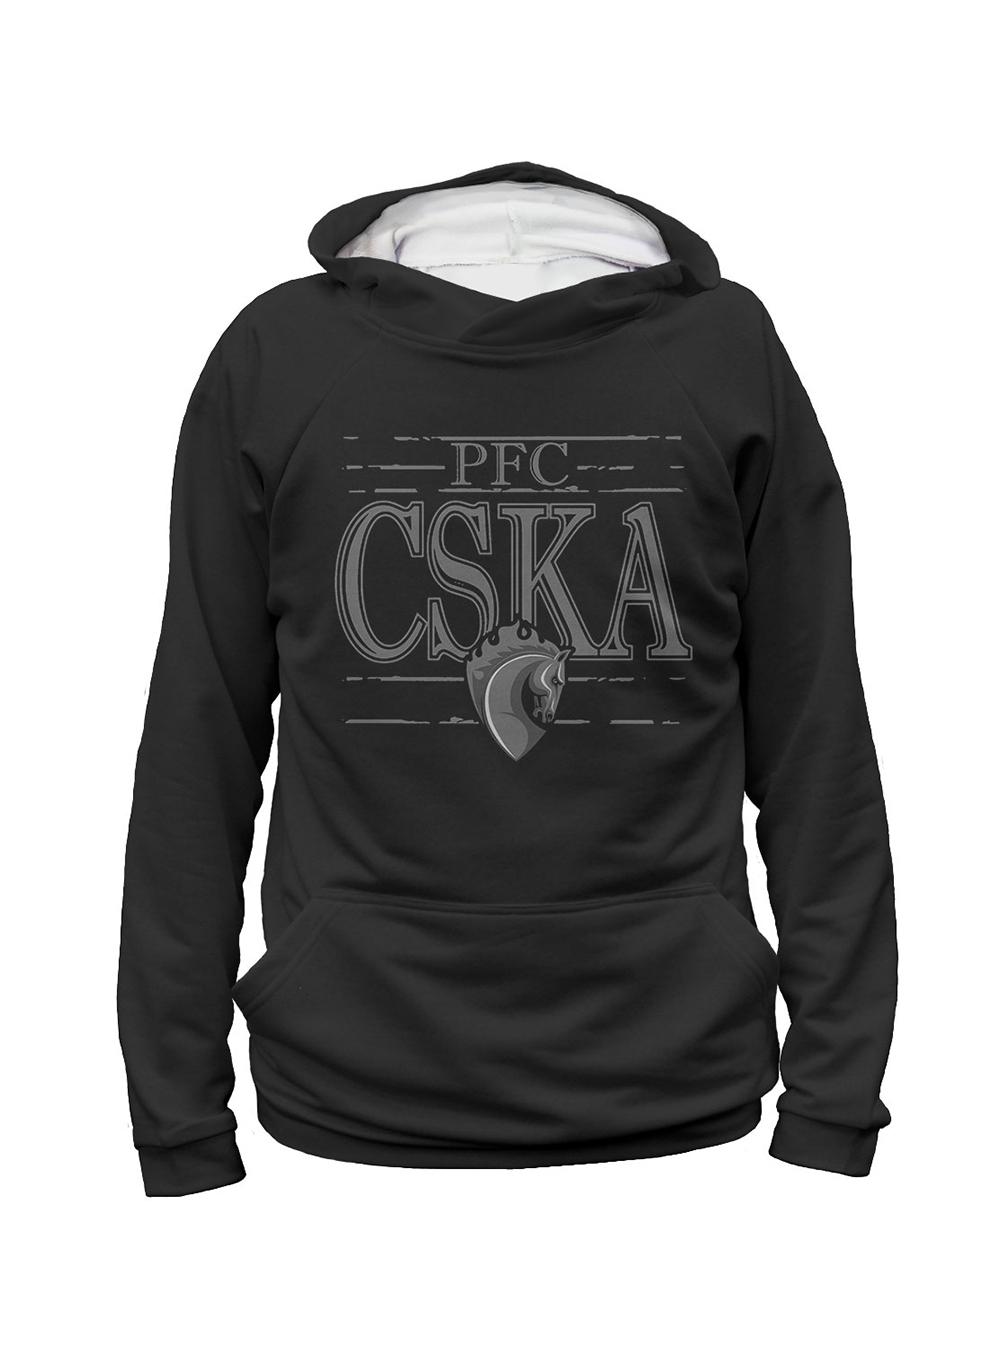 Купить Худи женское «PFC CSKA. Талисман» (XXL) по Нижнему Новгороду